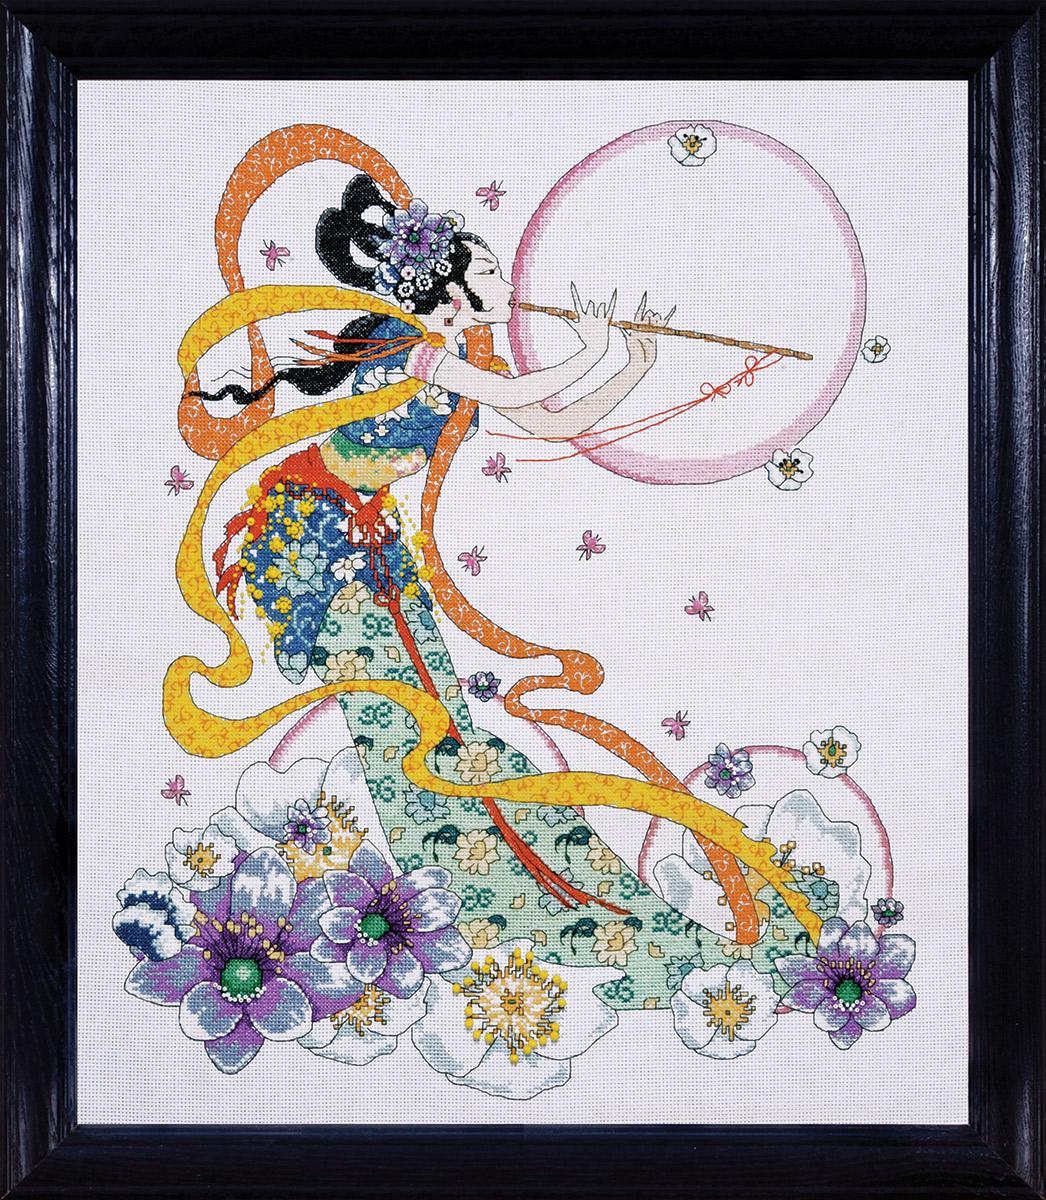 Набор для вышивания крестом Design Works Флейтистка, 40 х 51 см2748По картине Джоан Эллиотт (Flute Player, Joan Elliott). В набор входят бусины.